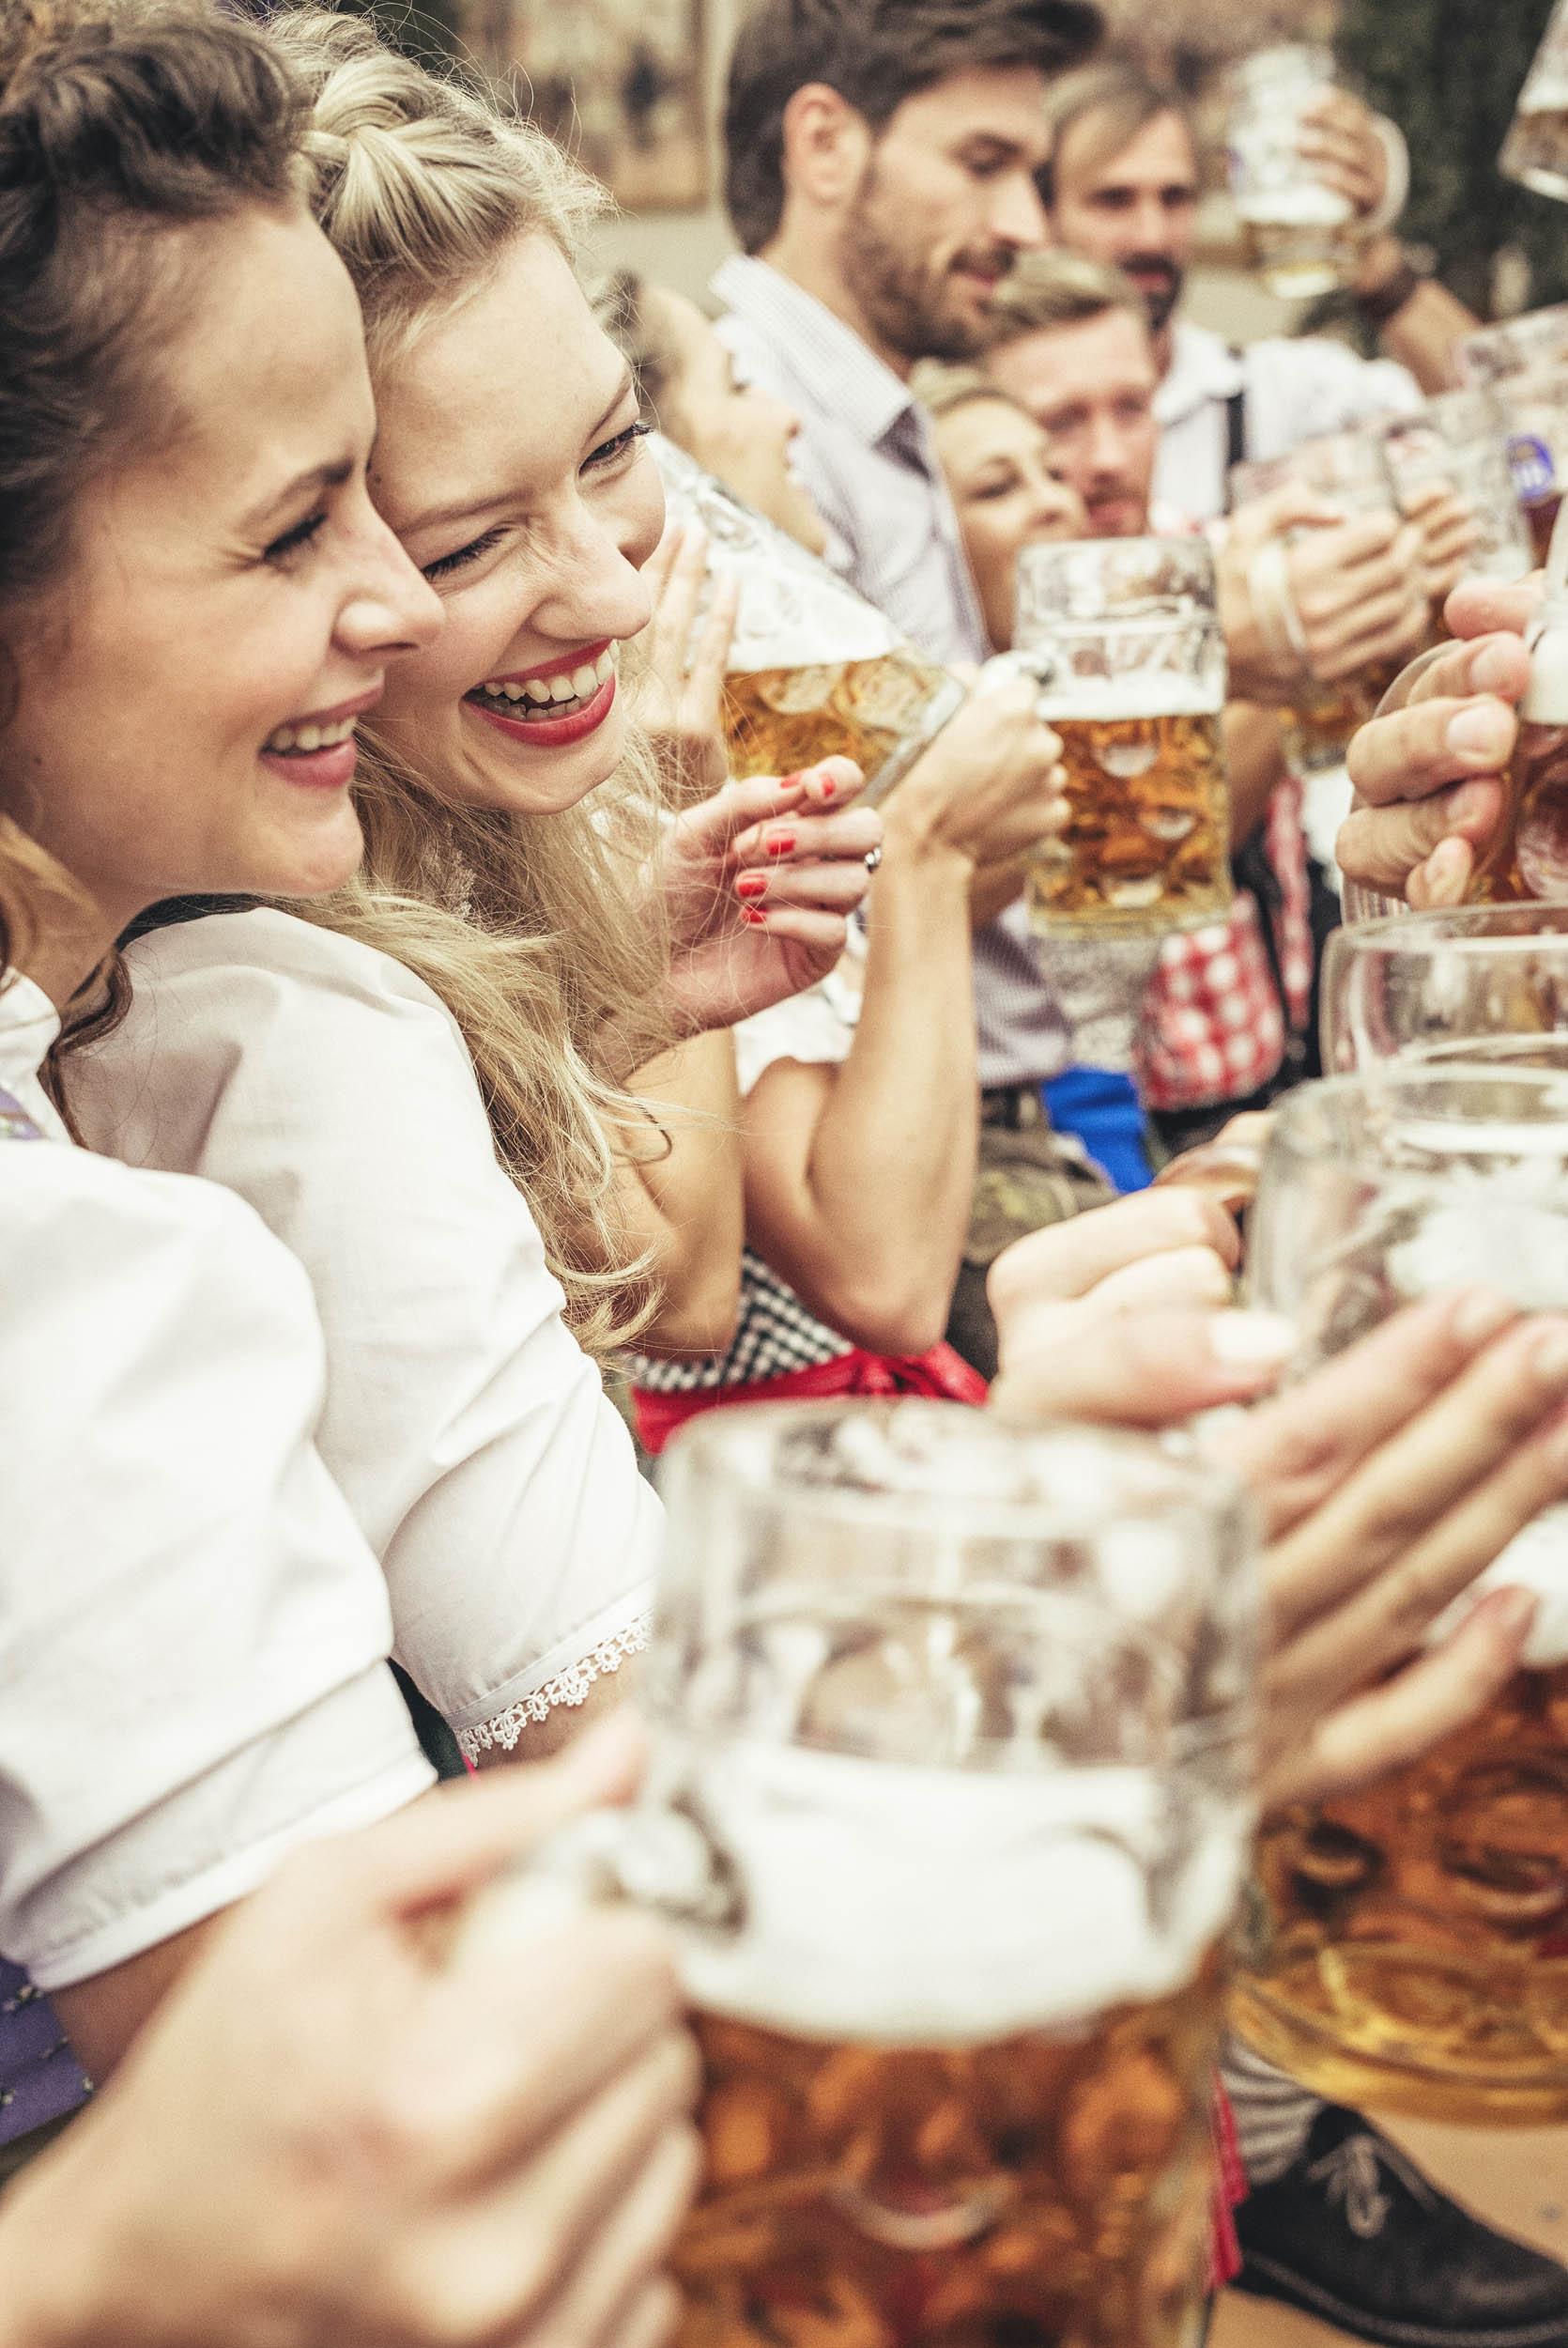 seifertuebler-lifestyle-hofbraeu-muenchen-oktoberfest-beer-05.jpg